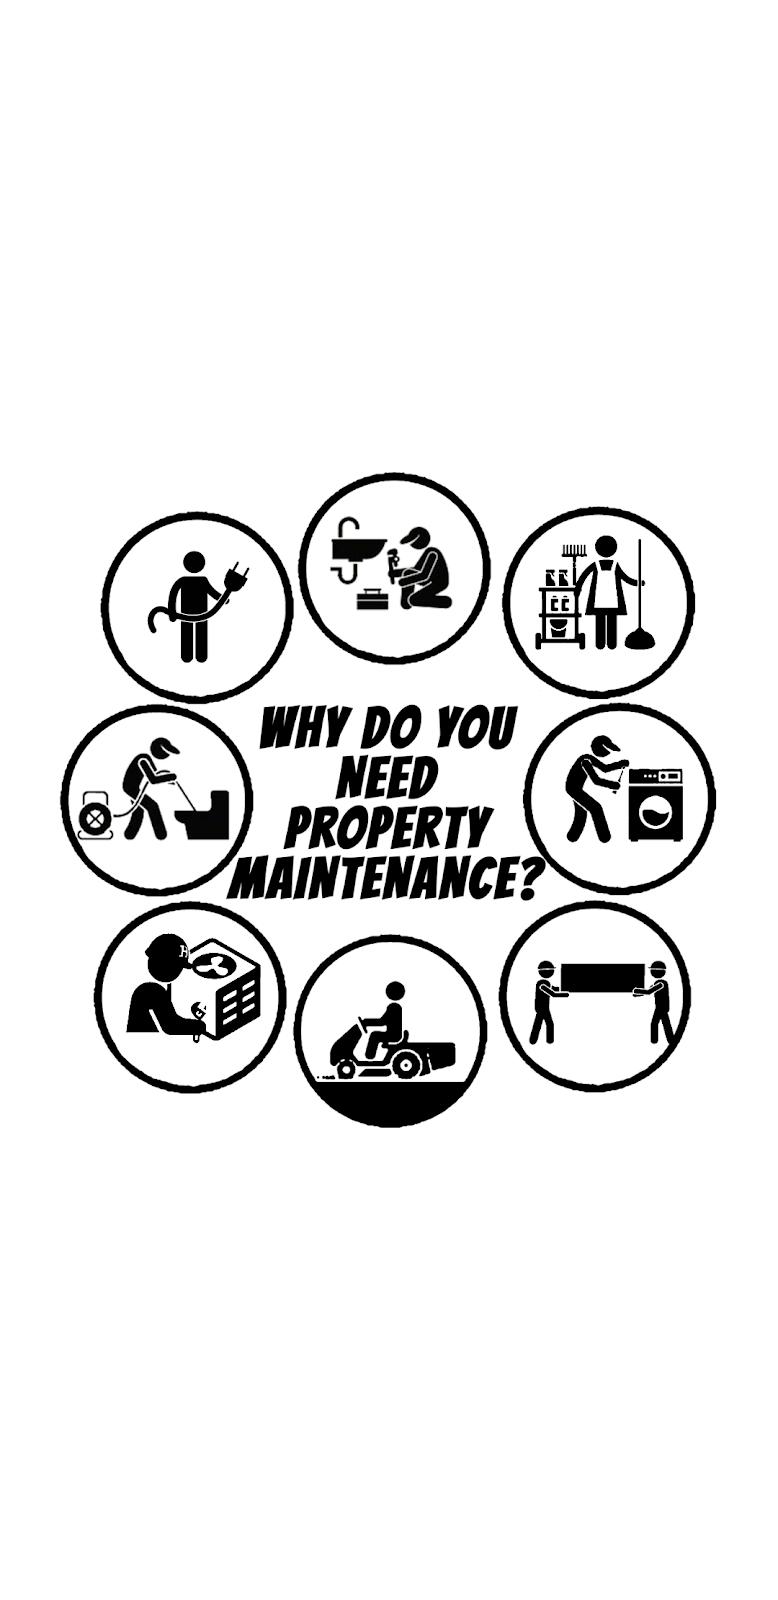 Elite Property Maintenance - painter  | Photo 3 of 4 | Address: 8420 Candlewood Dr, Oklahoma City, OK 73132, USA | Phone: (405) 921-7032